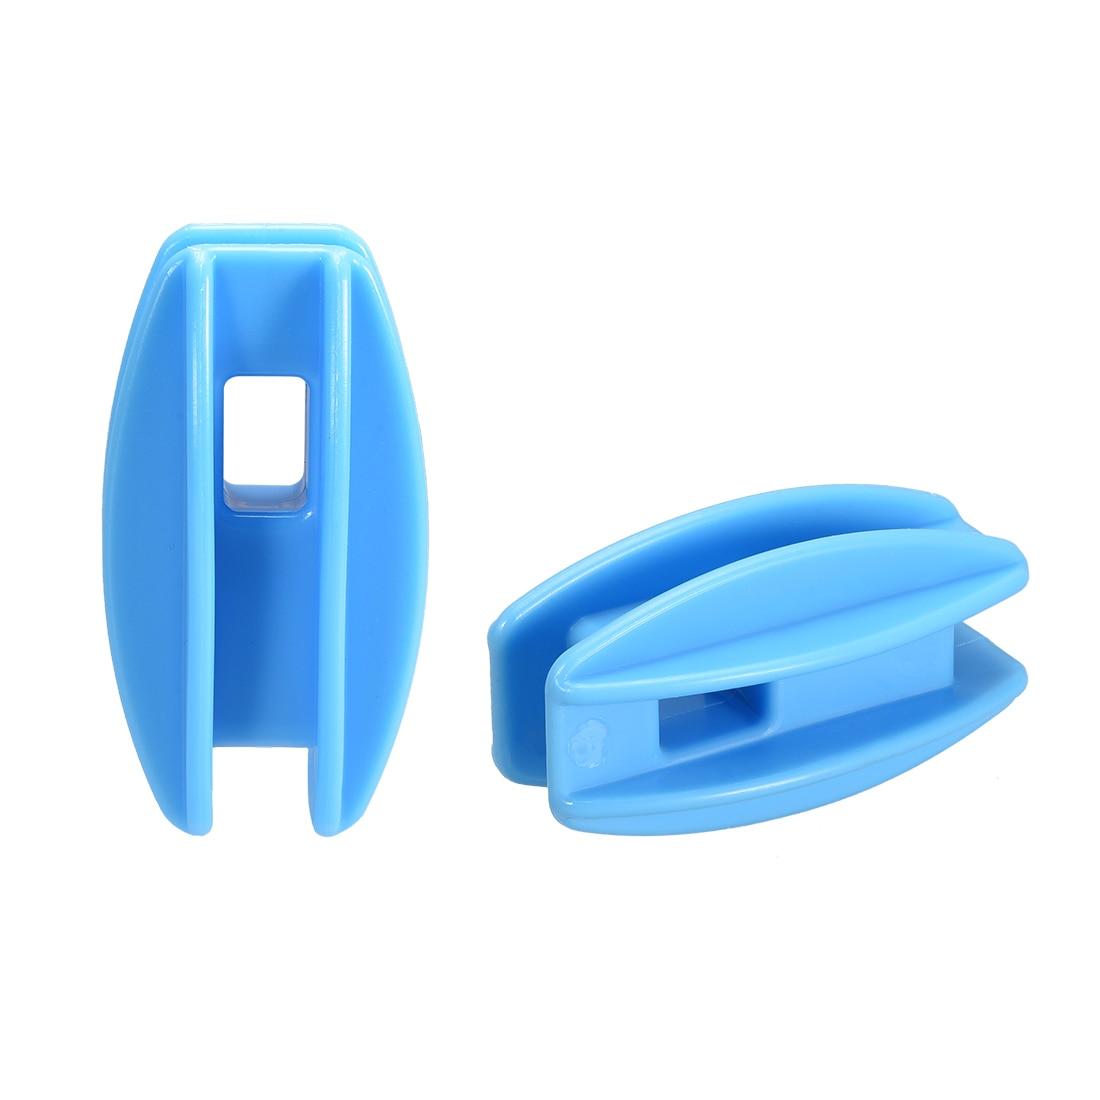 Uxcell Высокое напряжение угловой изолятор столба для провод для электрического ограждения цвет: черный, синий для Применение с поли провода и...